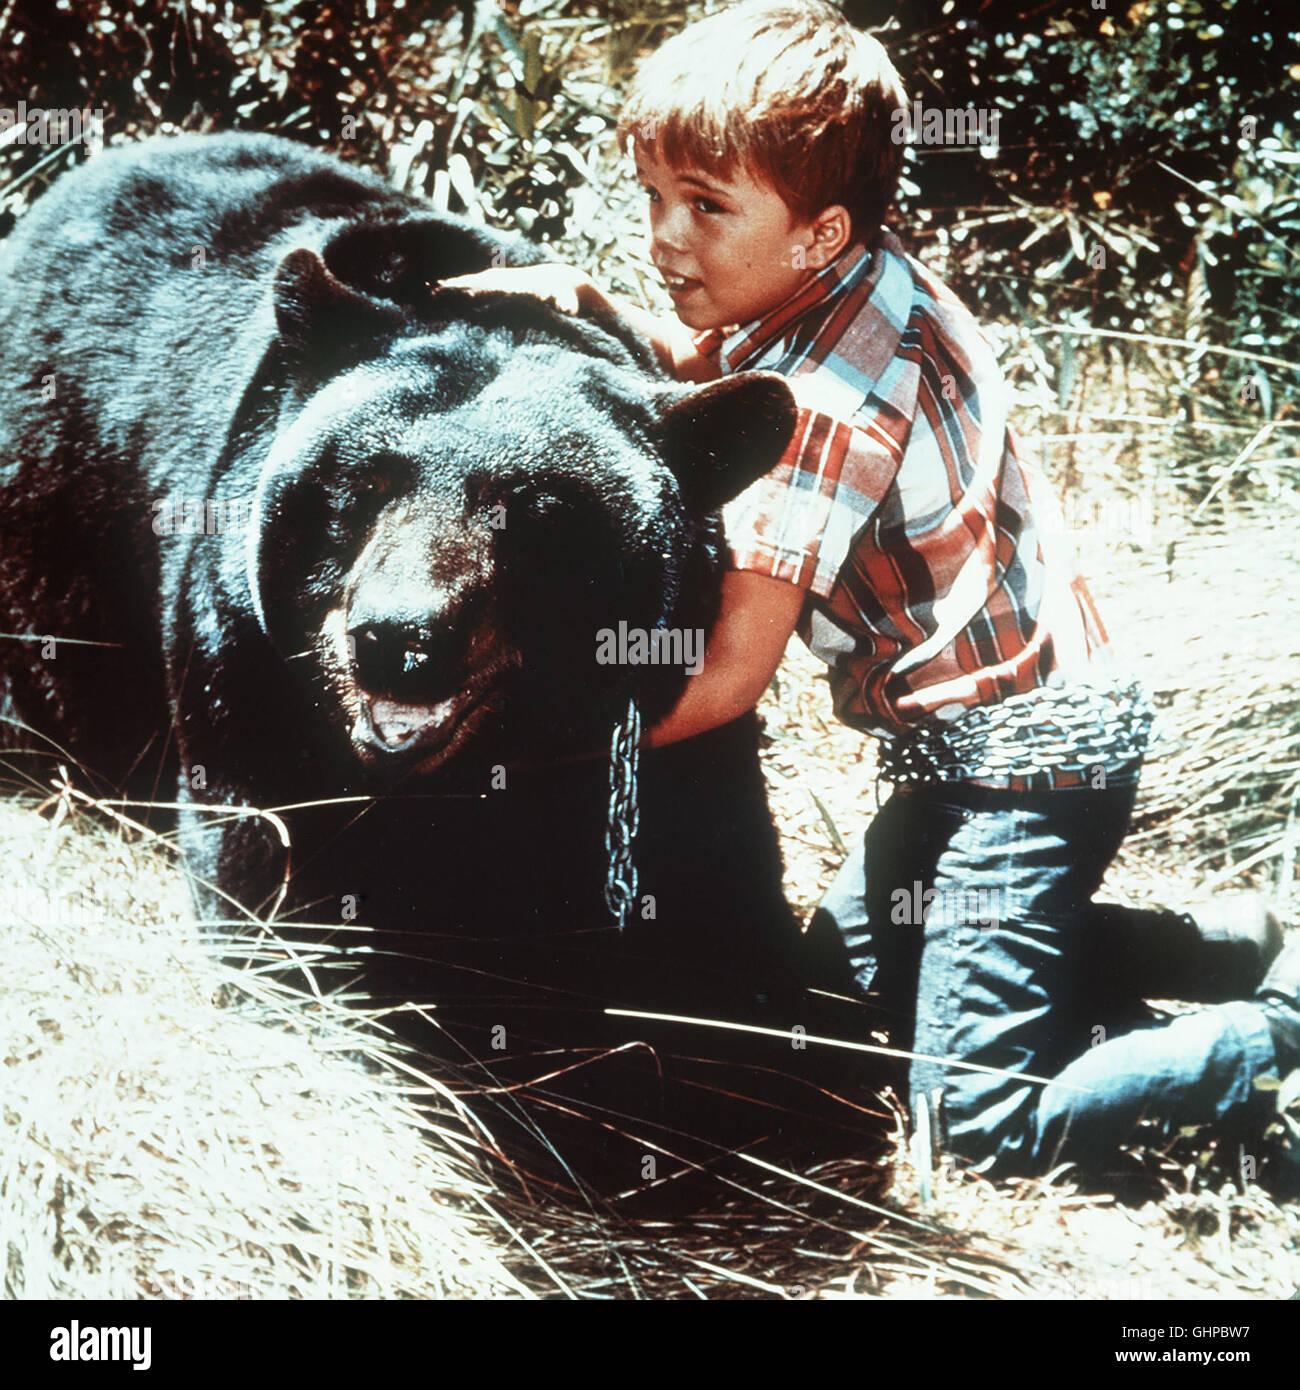 der sanfte ben Der siebenjährige Mark Wedloe (CLINT HOWARD) freundet sich mit einem Bärenjungen an... - Stock Image